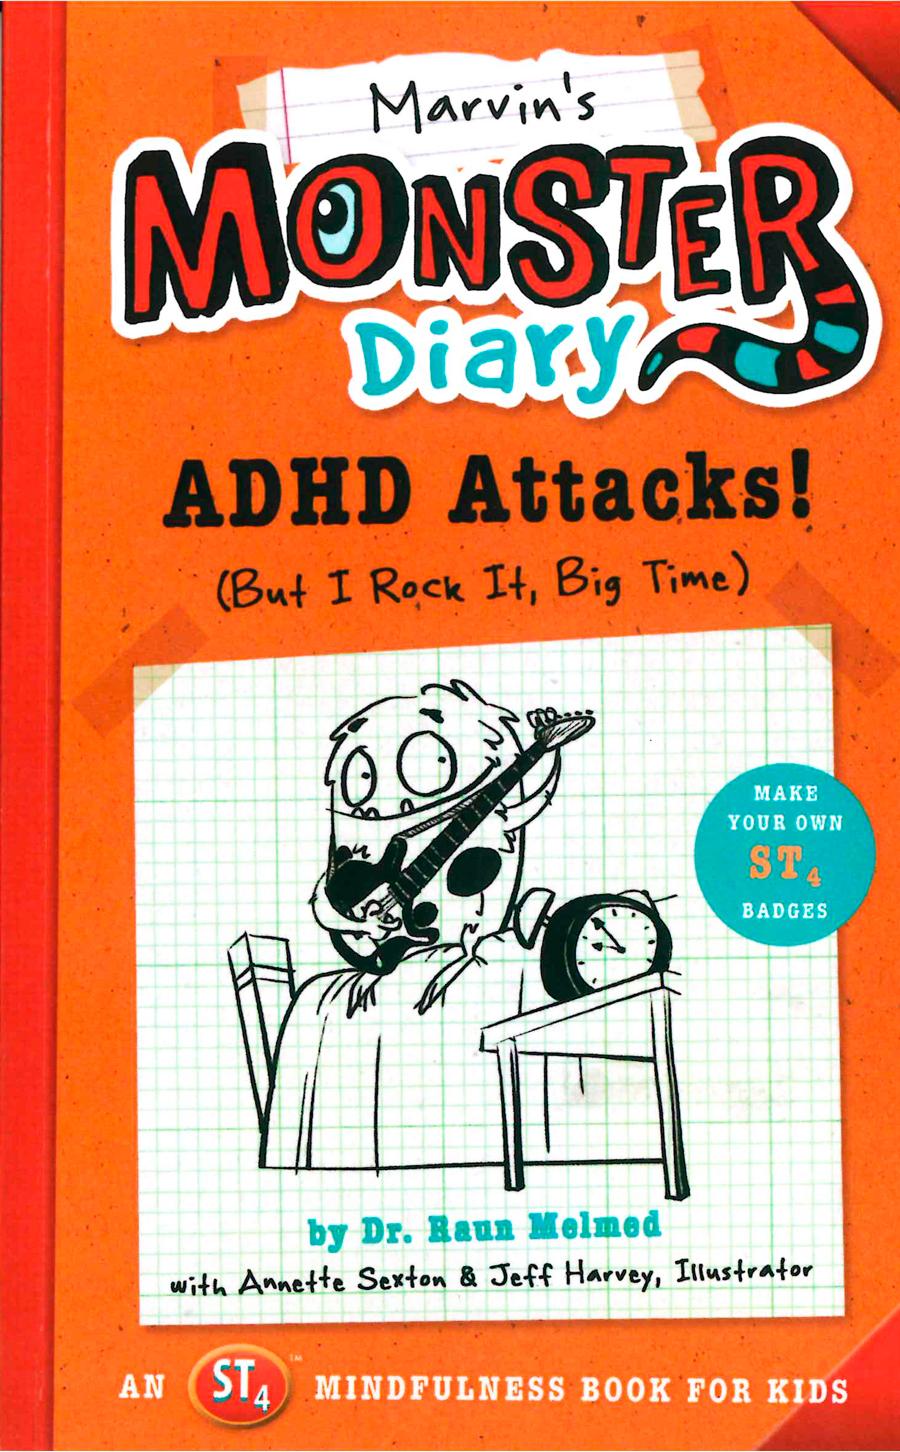 DrMelmed-MonsterDiary